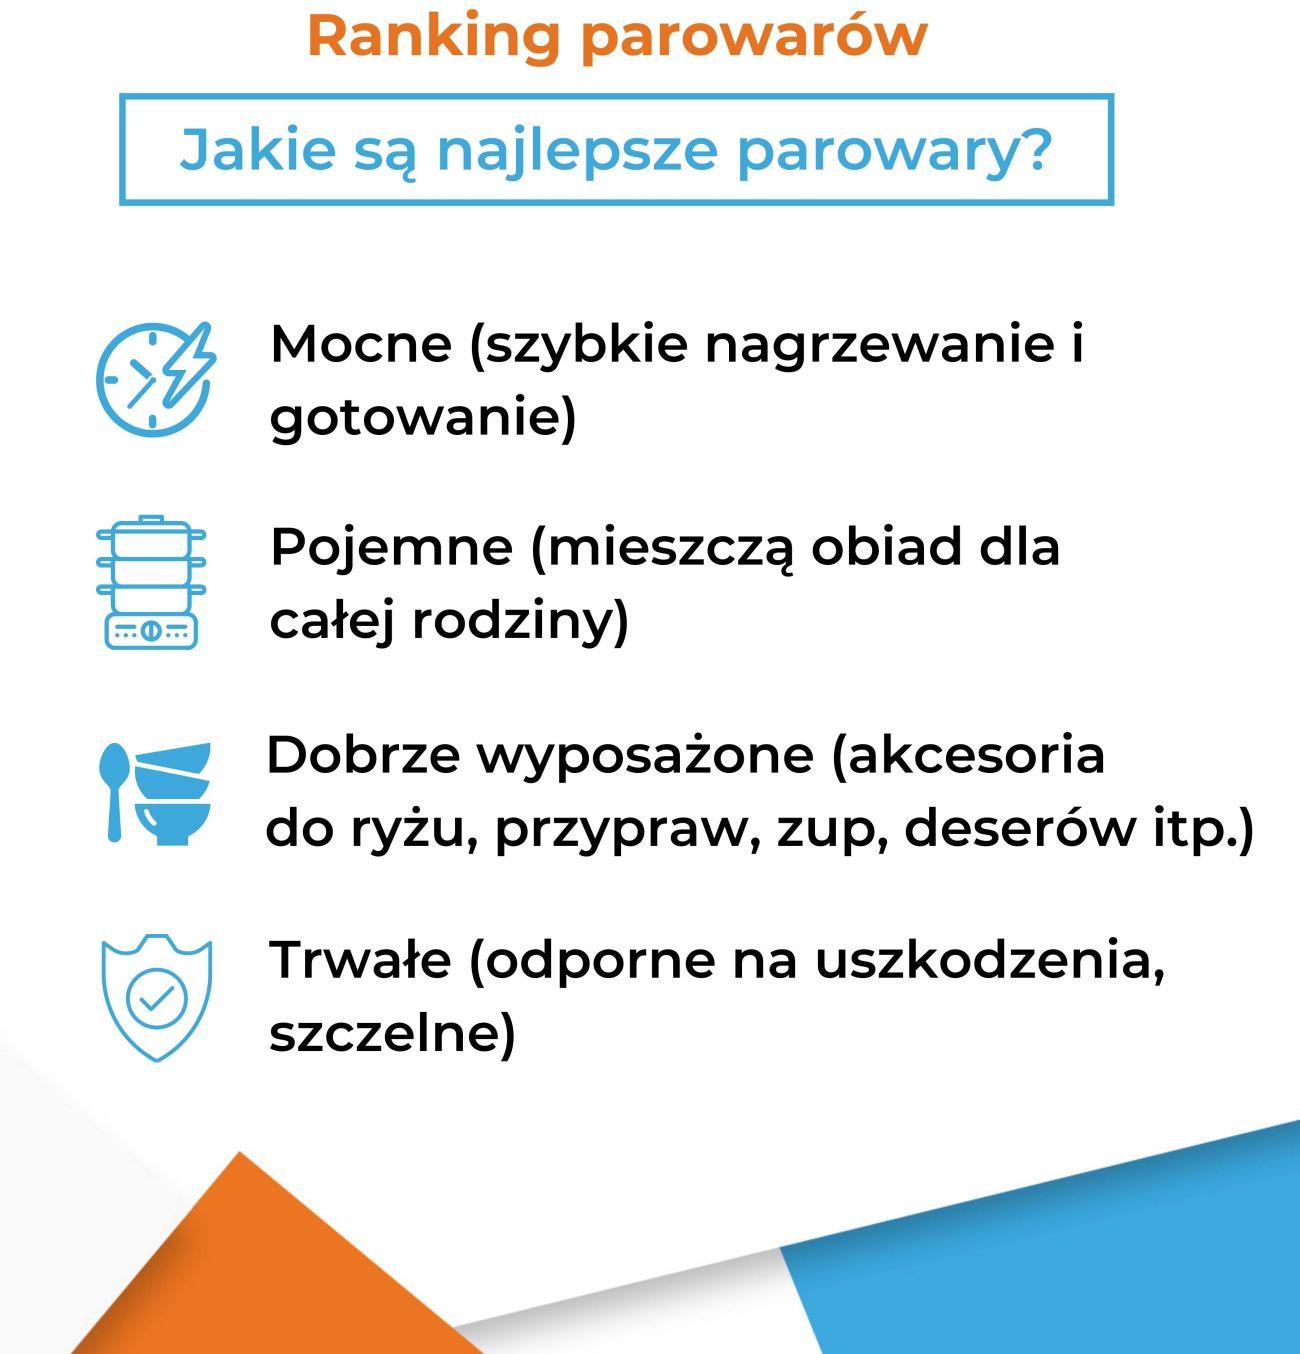 Ranking parowarów - Jakie cechy mają najlepsze parowary? Infografika